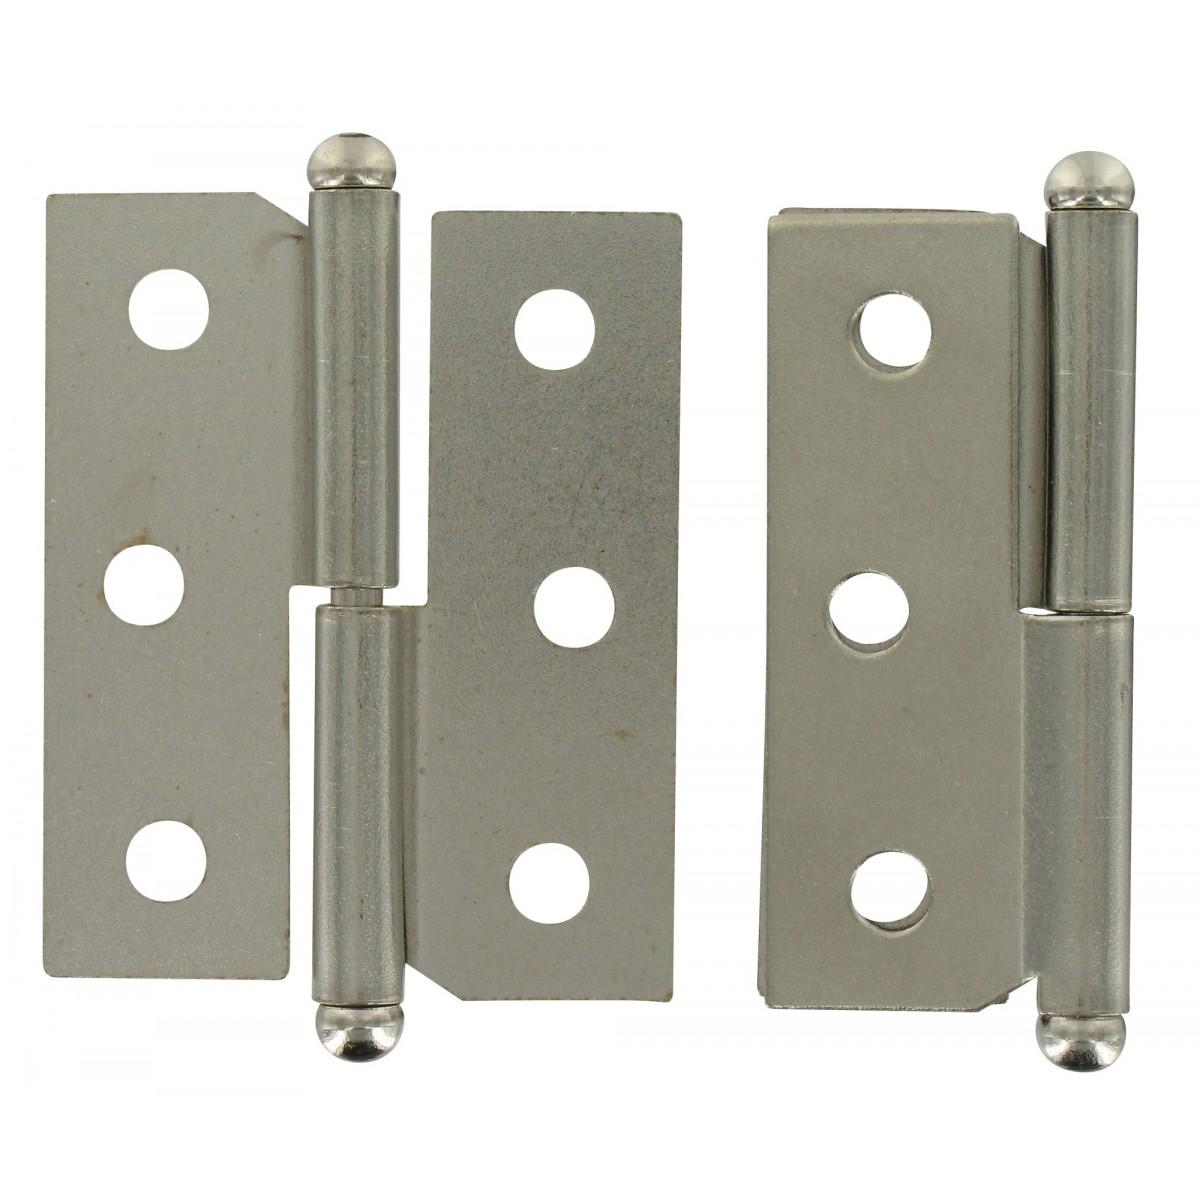 Paumelle de meuble acier nickelé PVM - Droite - Hauteur 50 mm - Largeur 40 mm - Vendu par 2